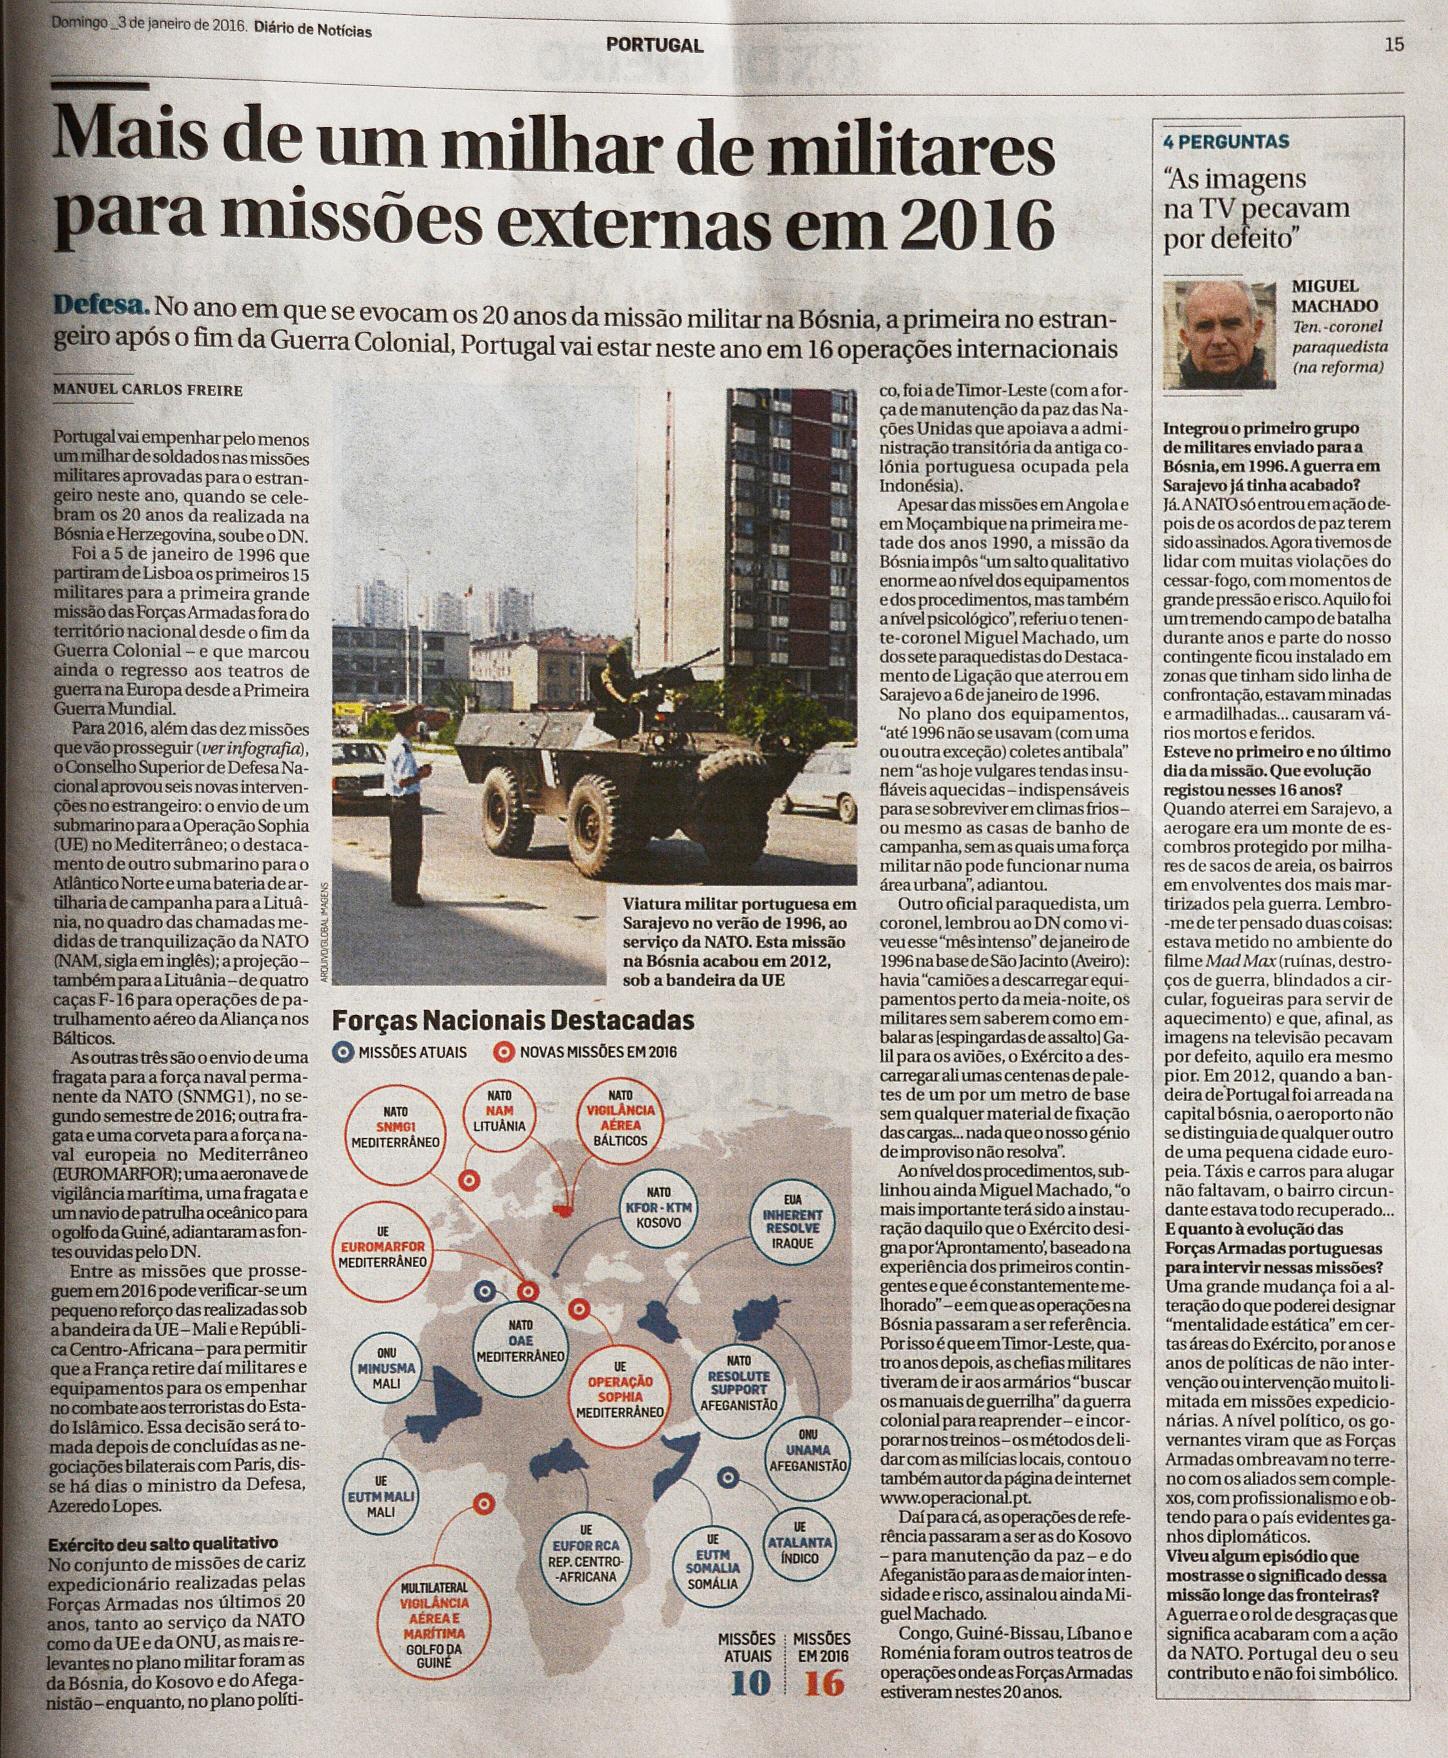 Diário de Noticias: 03JAN2016